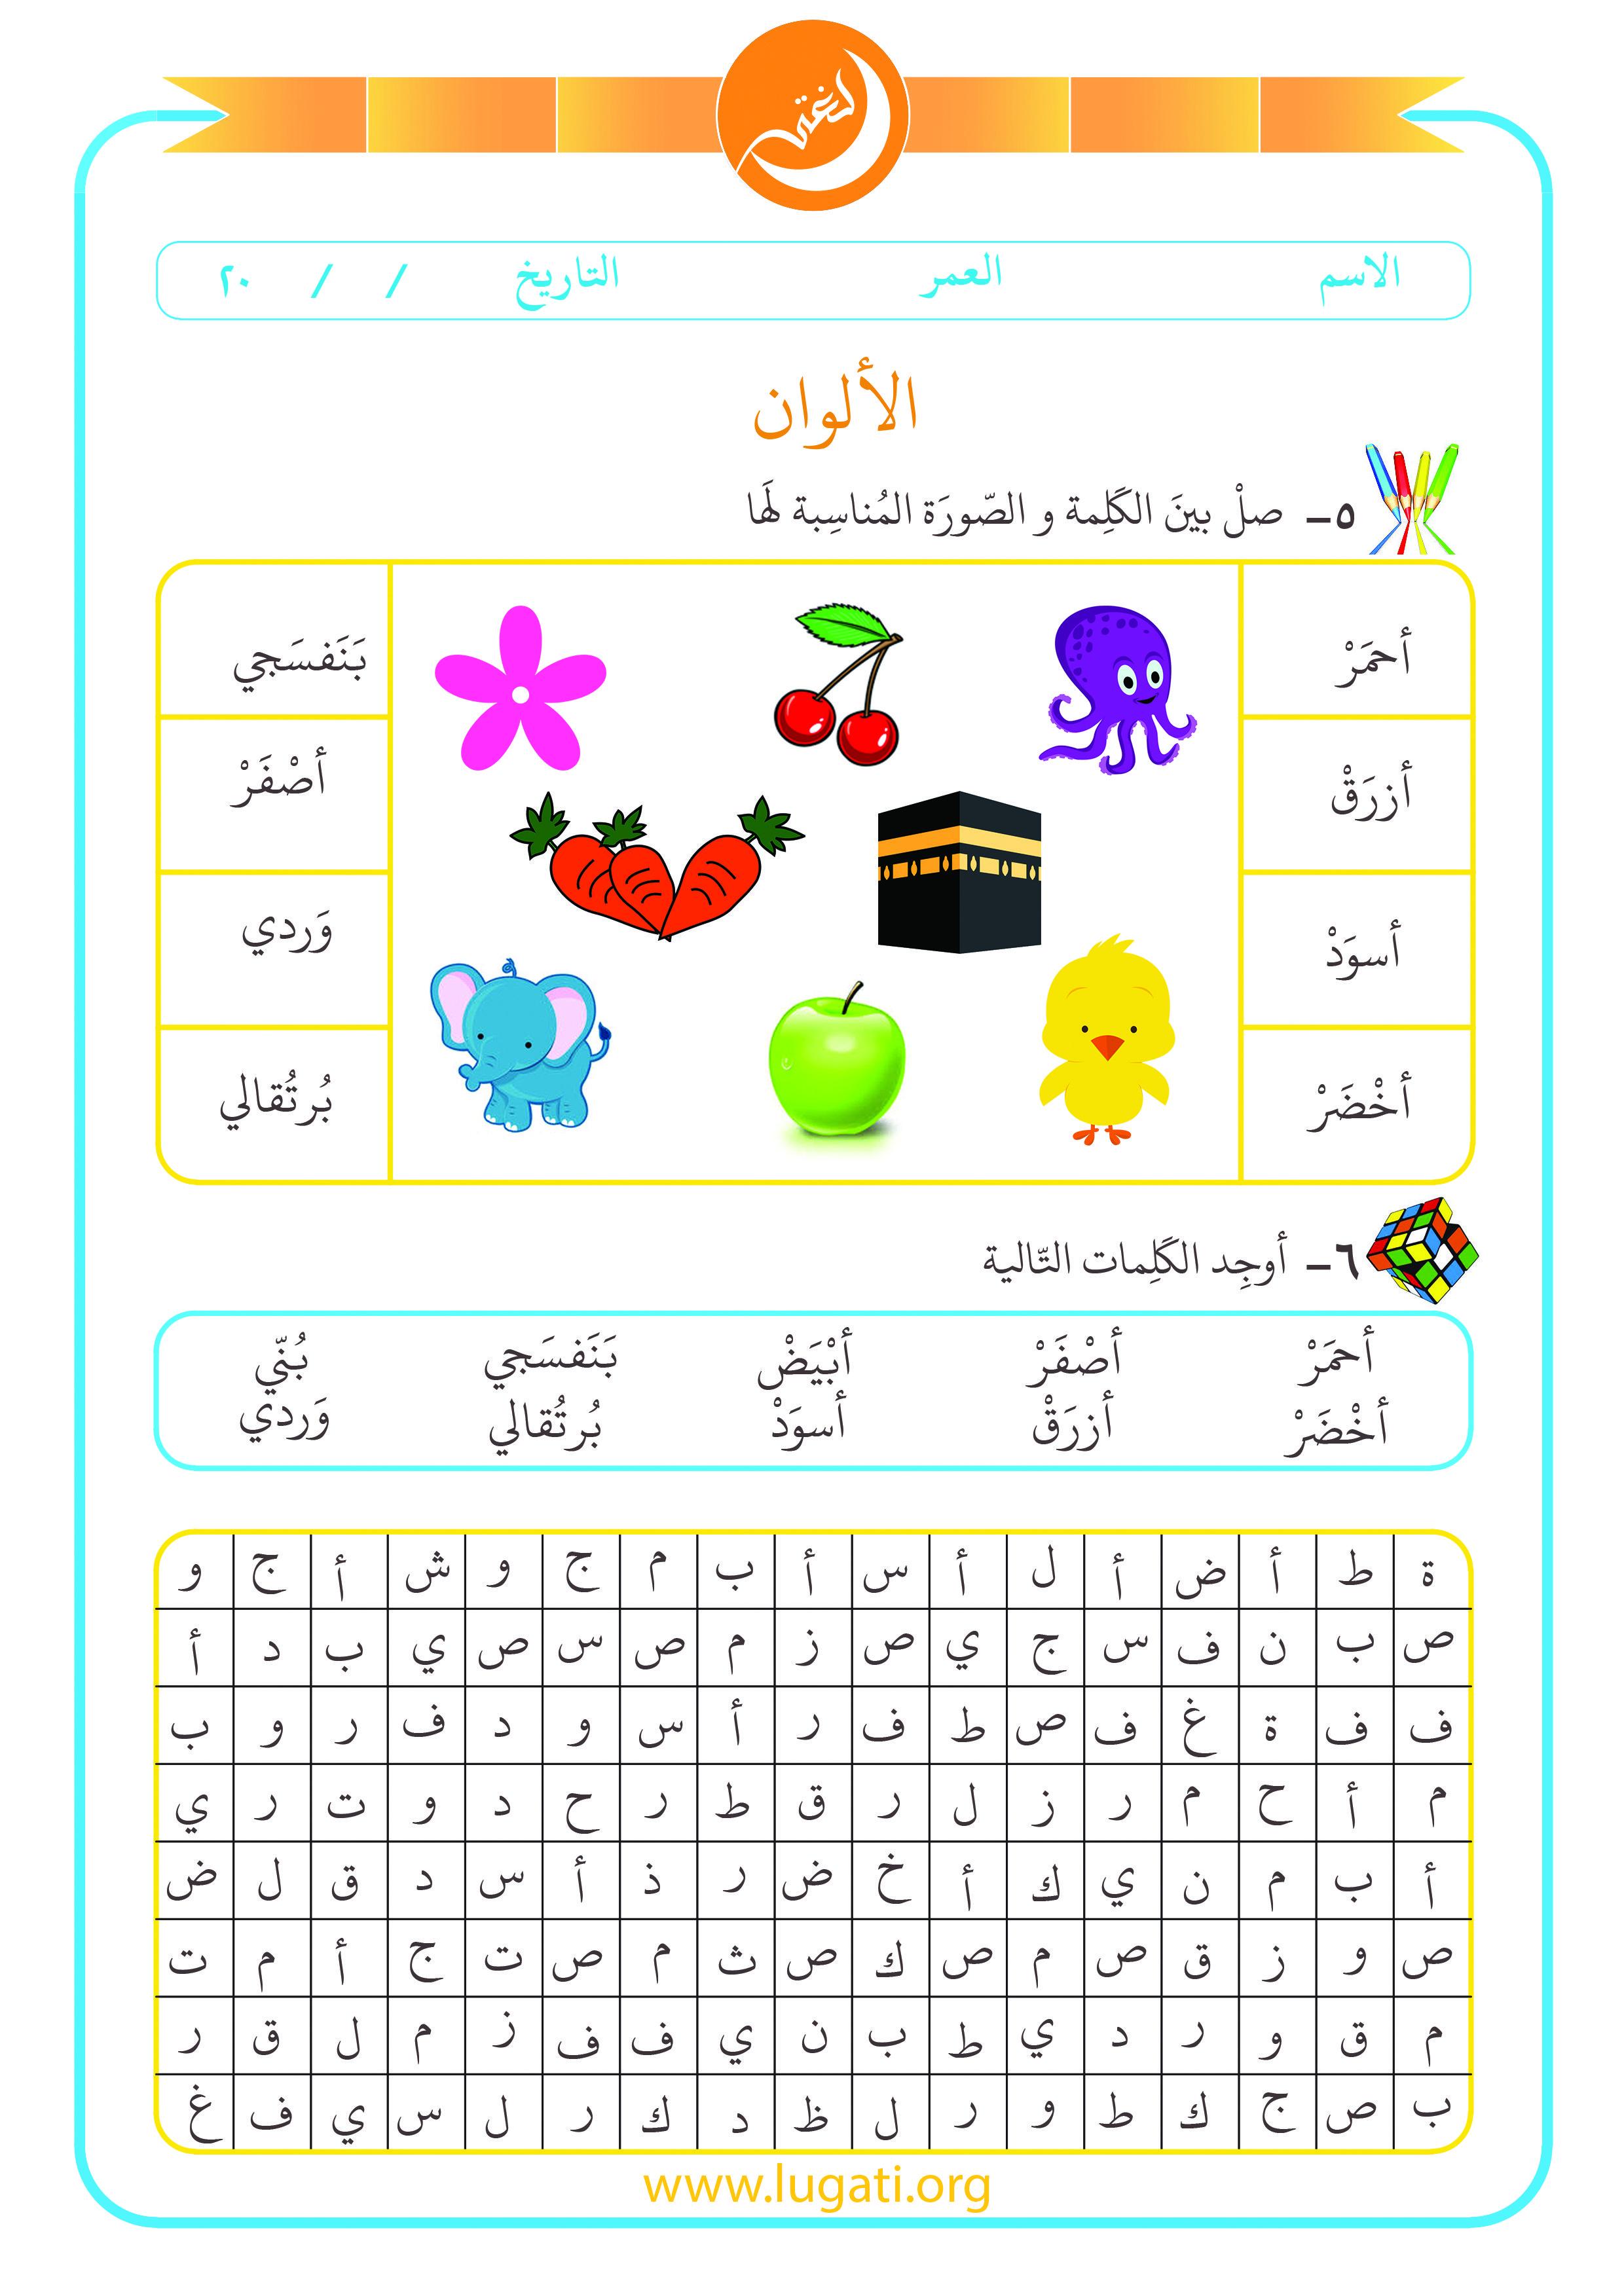 المرحلة الثالثة التمرين 5 وصل بين الكلمة واللون في الصورة المناسبة التمرين6 كلمات متقاطعة يجب ايجاد الكلمات المرفقة من جدول الاحرف Education Map